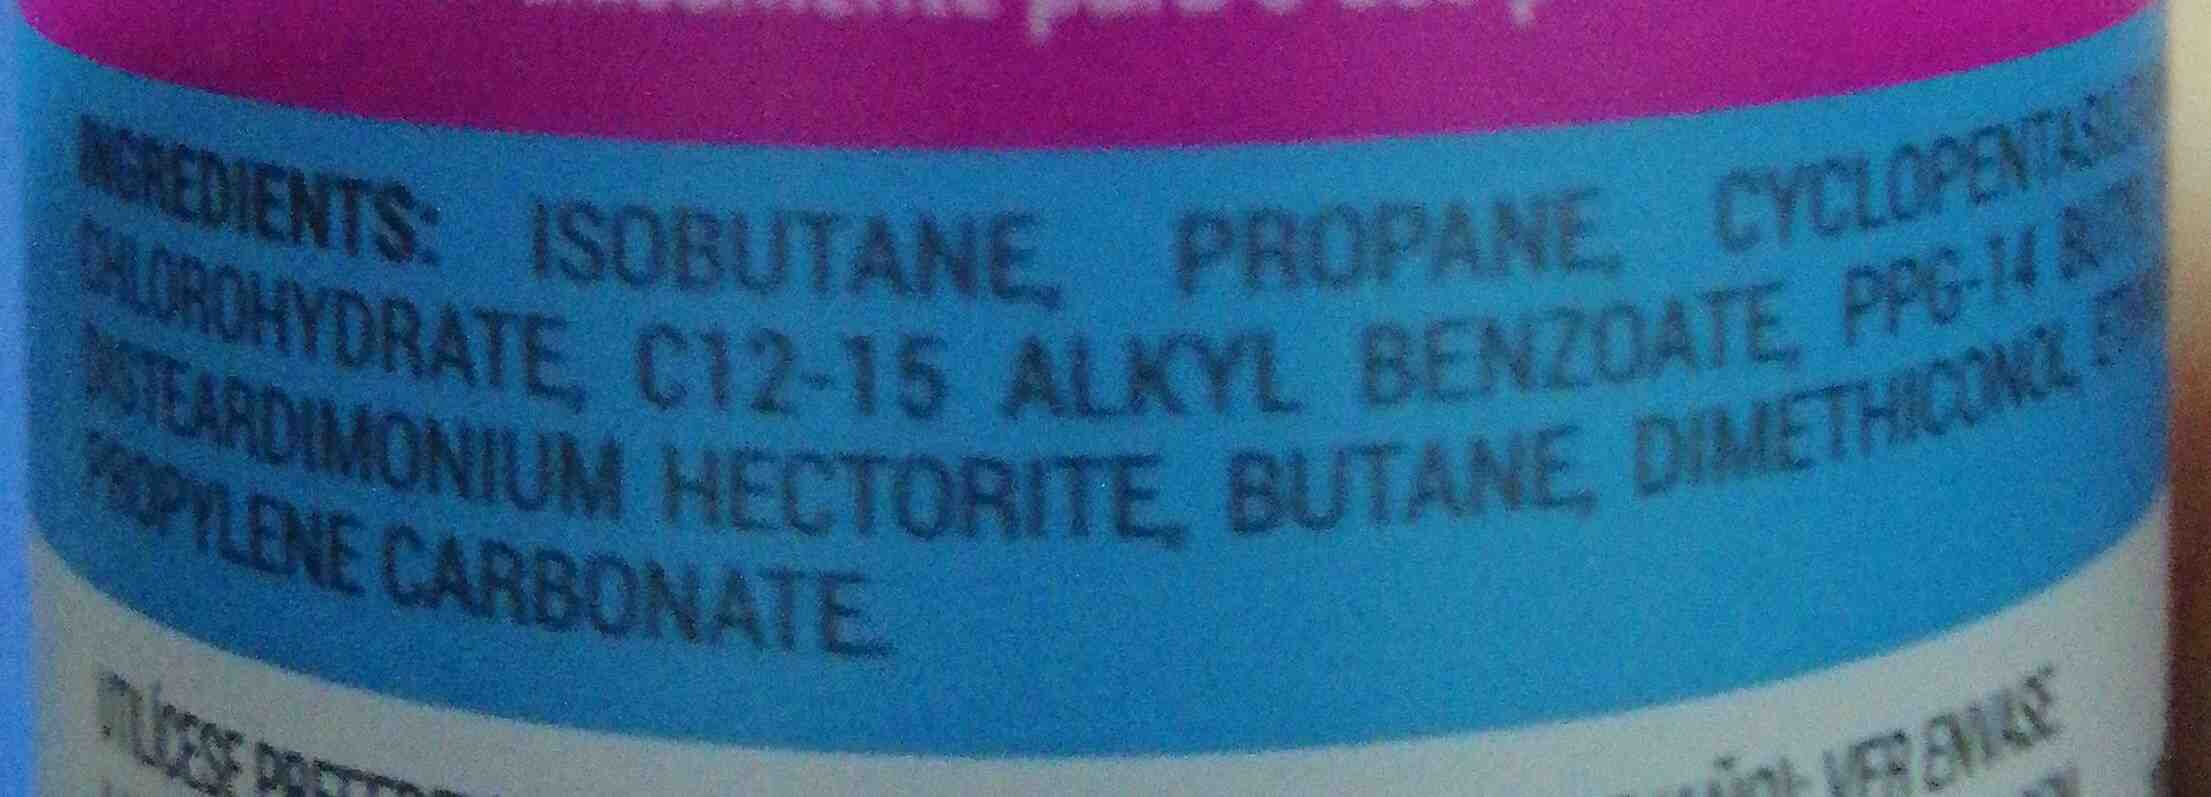 Desodorante afrutado en spray - Ingredients